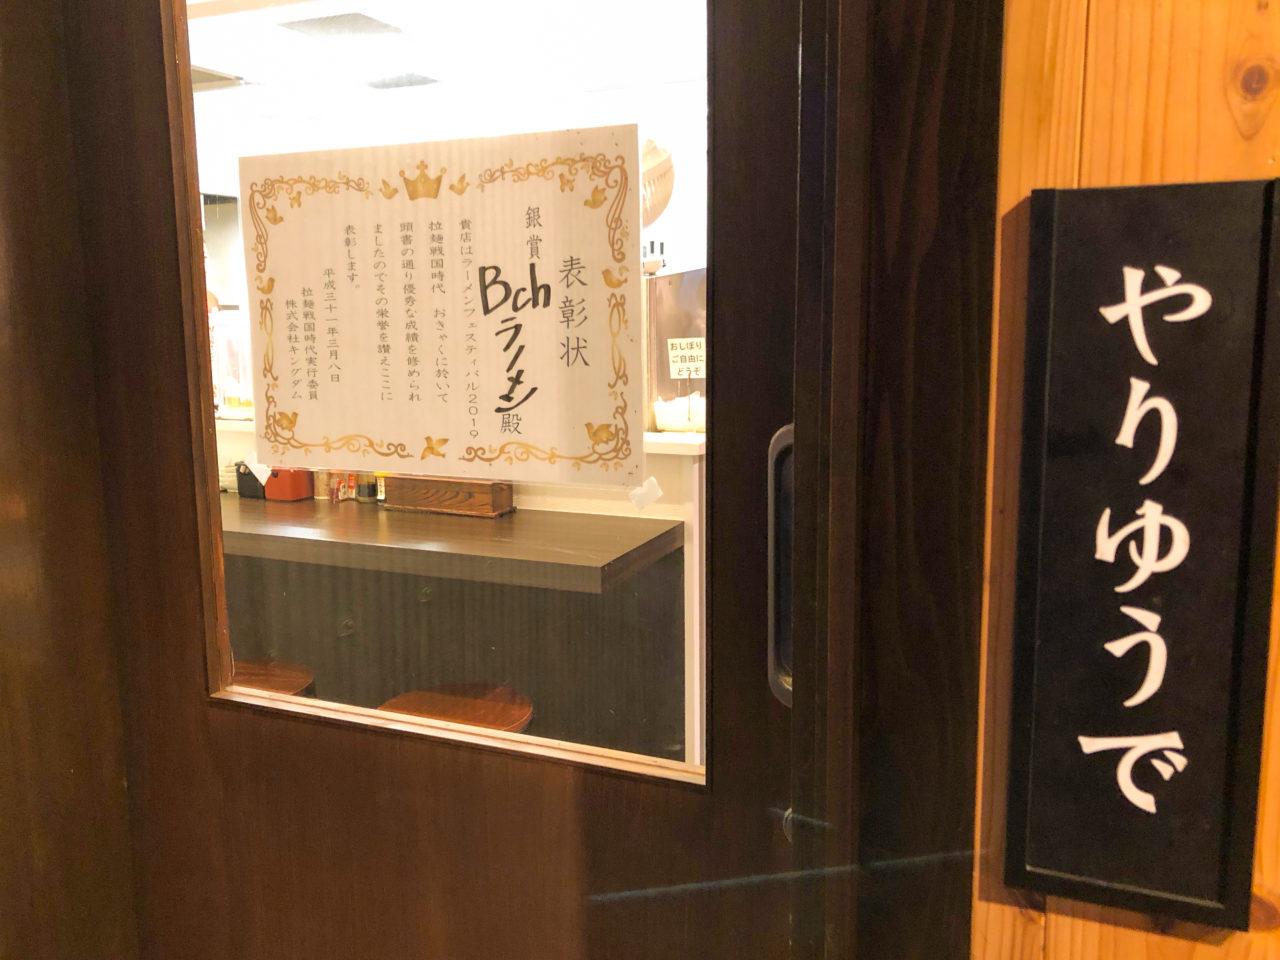 Bch(びーちゃん)ラーメンの店内1